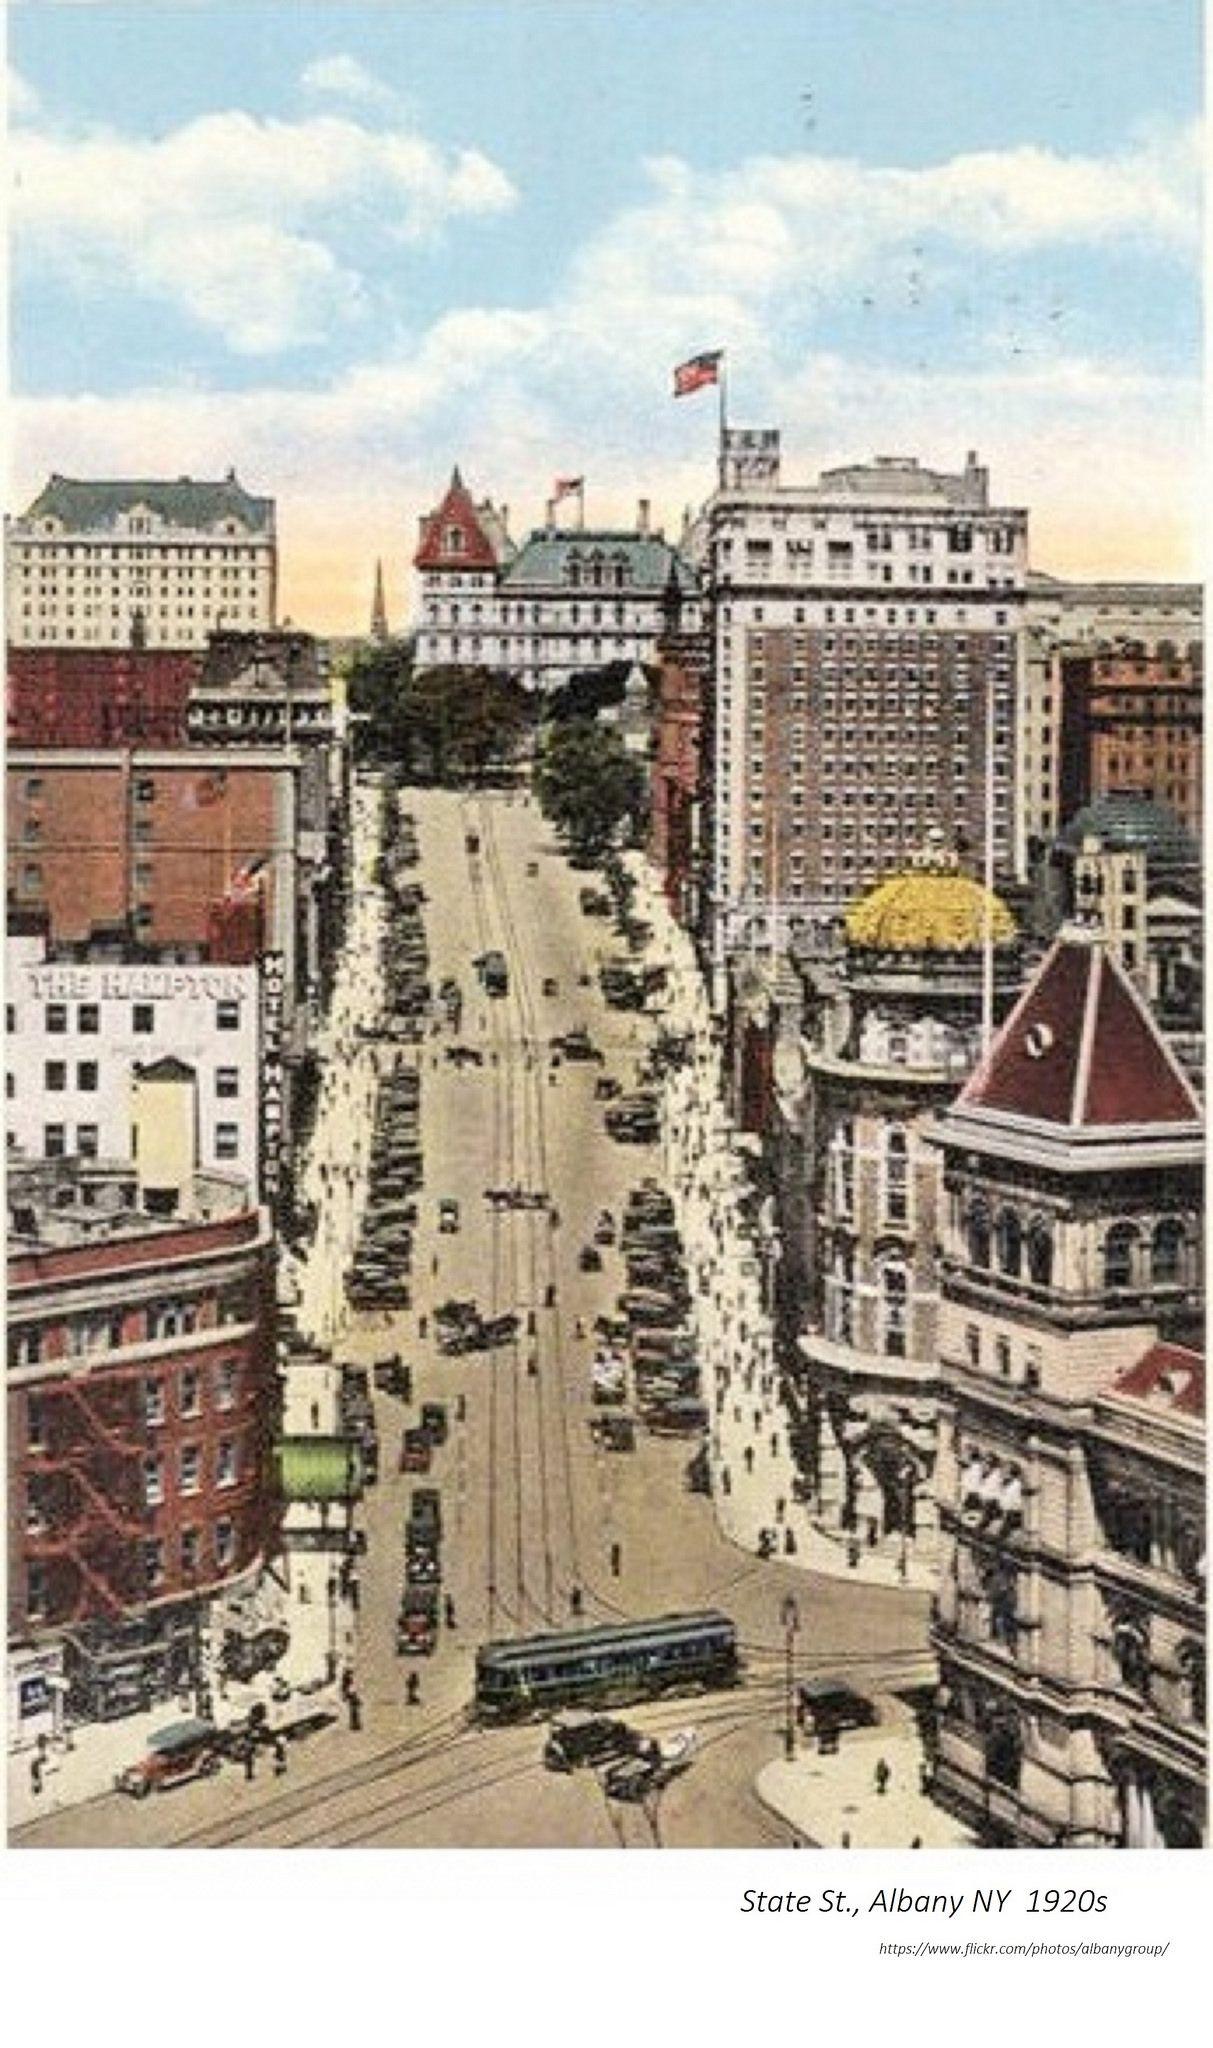 Statet St 1920s Albany Ny Albany New York Troy New York Birds Eye View